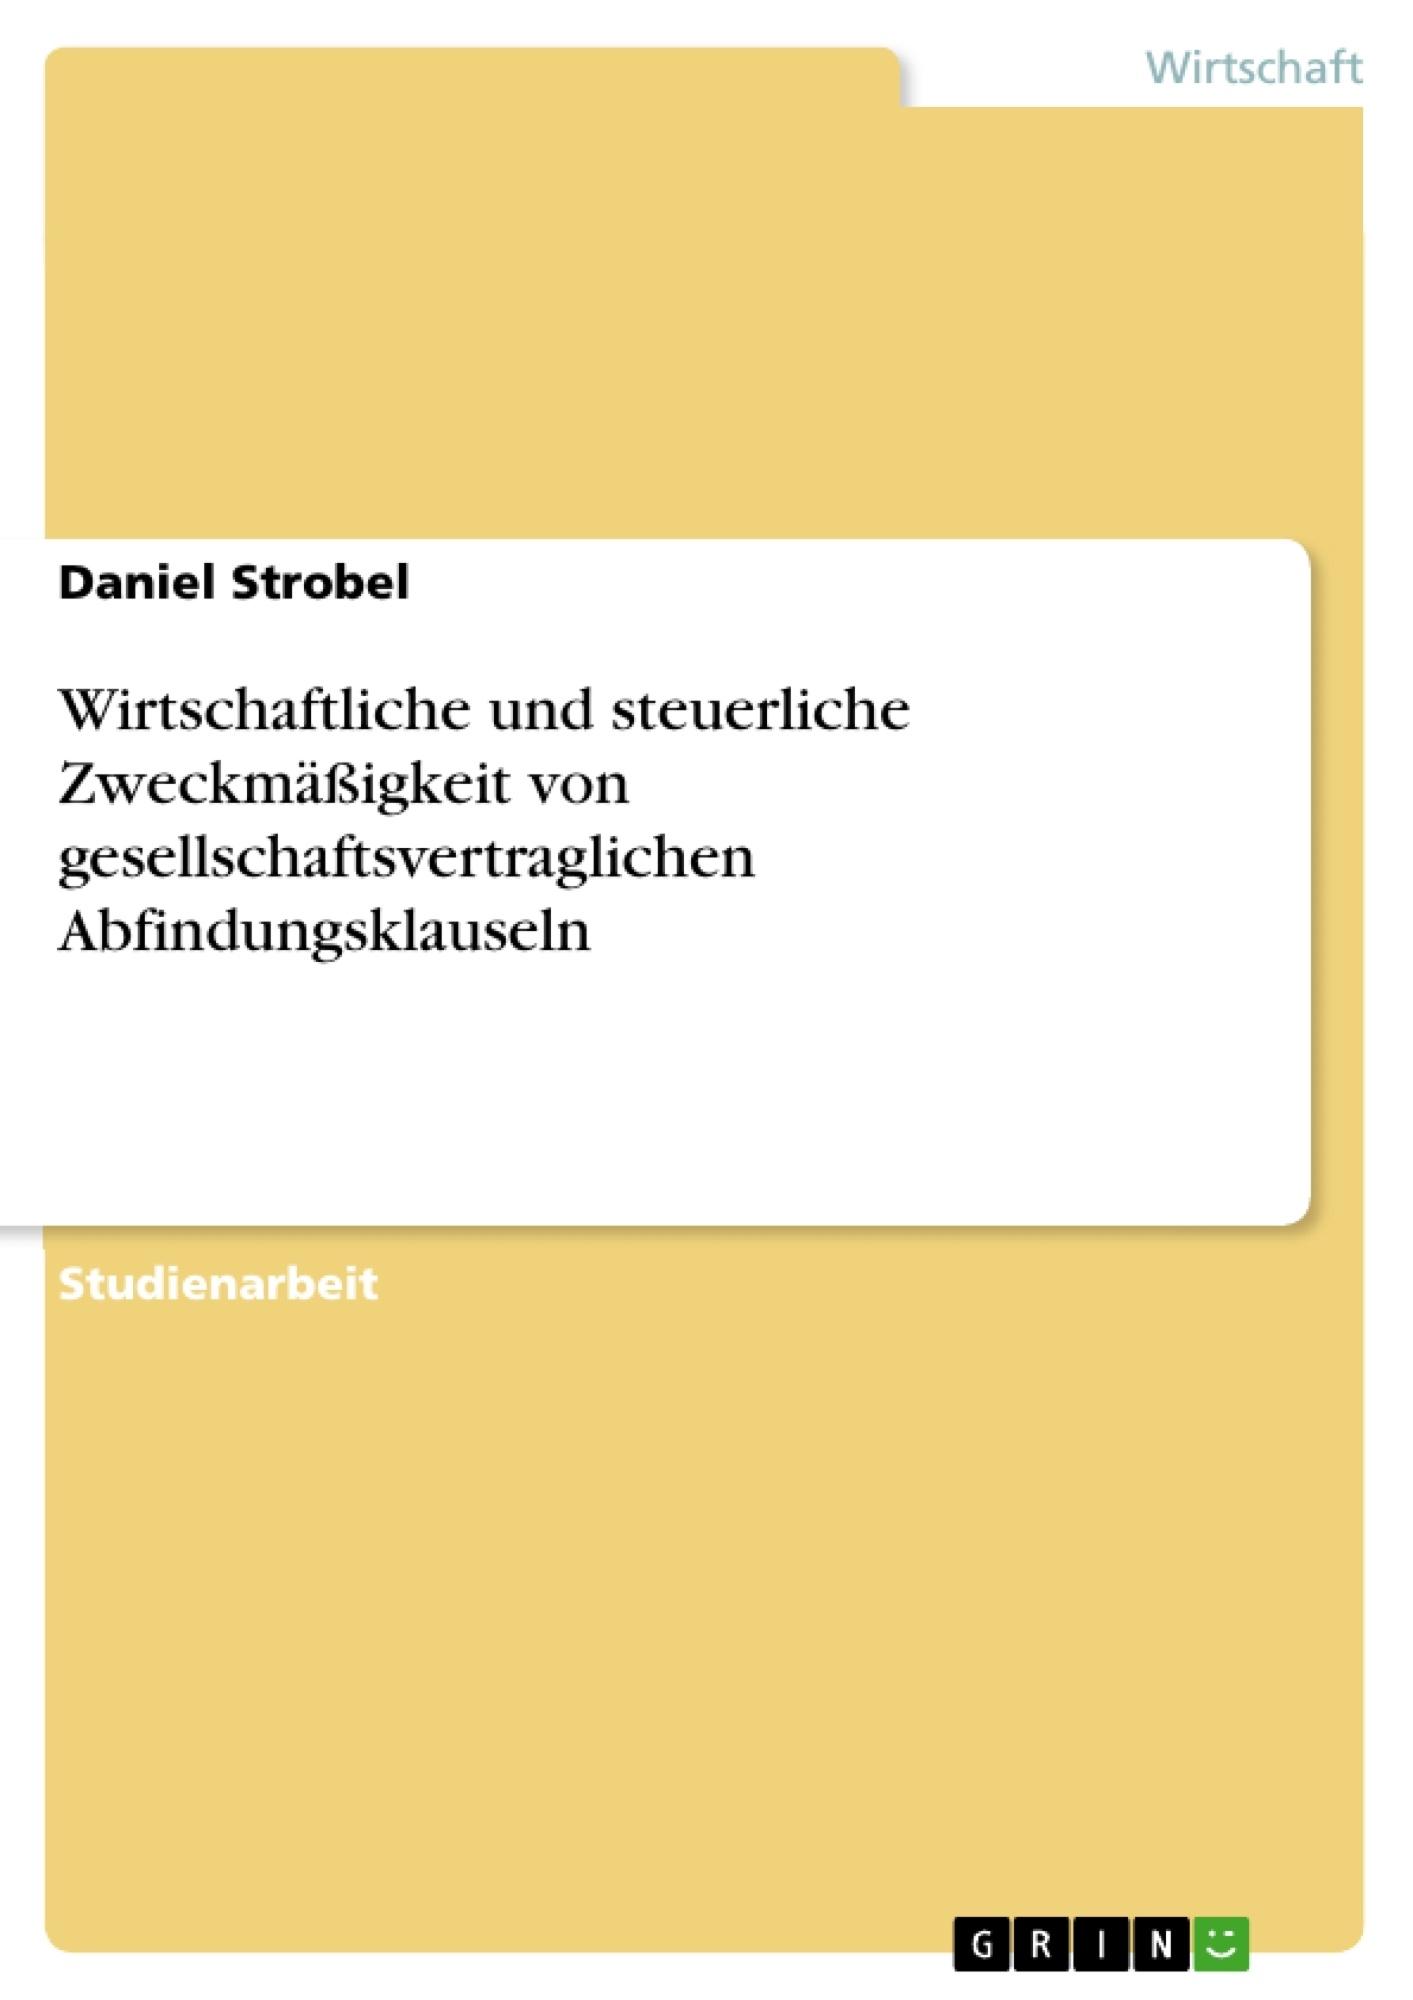 Titel: Wirtschaftliche und steuerliche Zweckmäßigkeit von gesellschaftsvertraglichen Abfindungsklauseln